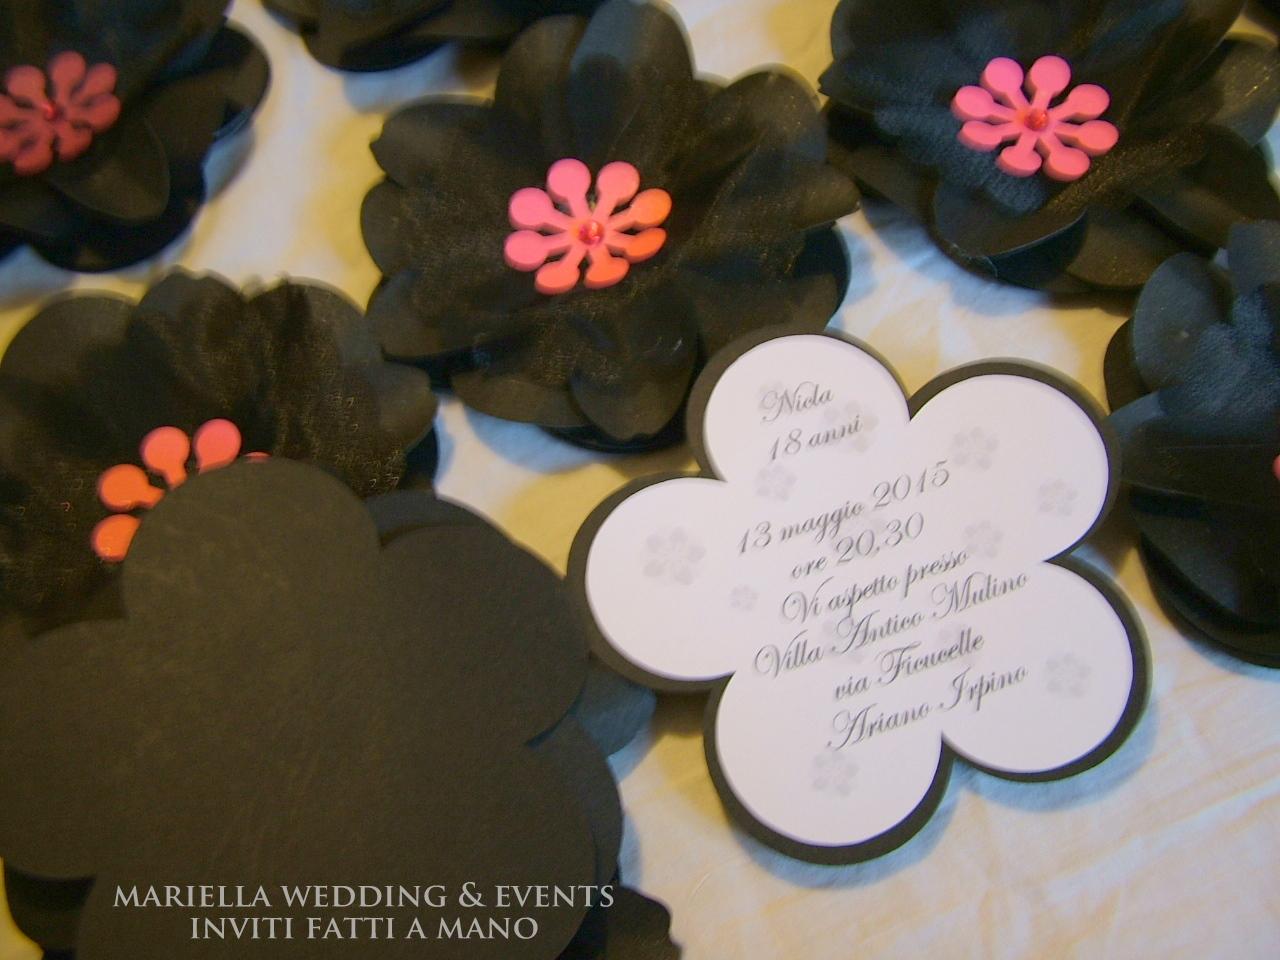 Amato Mariella Wedding & Events Inviti : Invito 18 anni .floreale sì  CR26